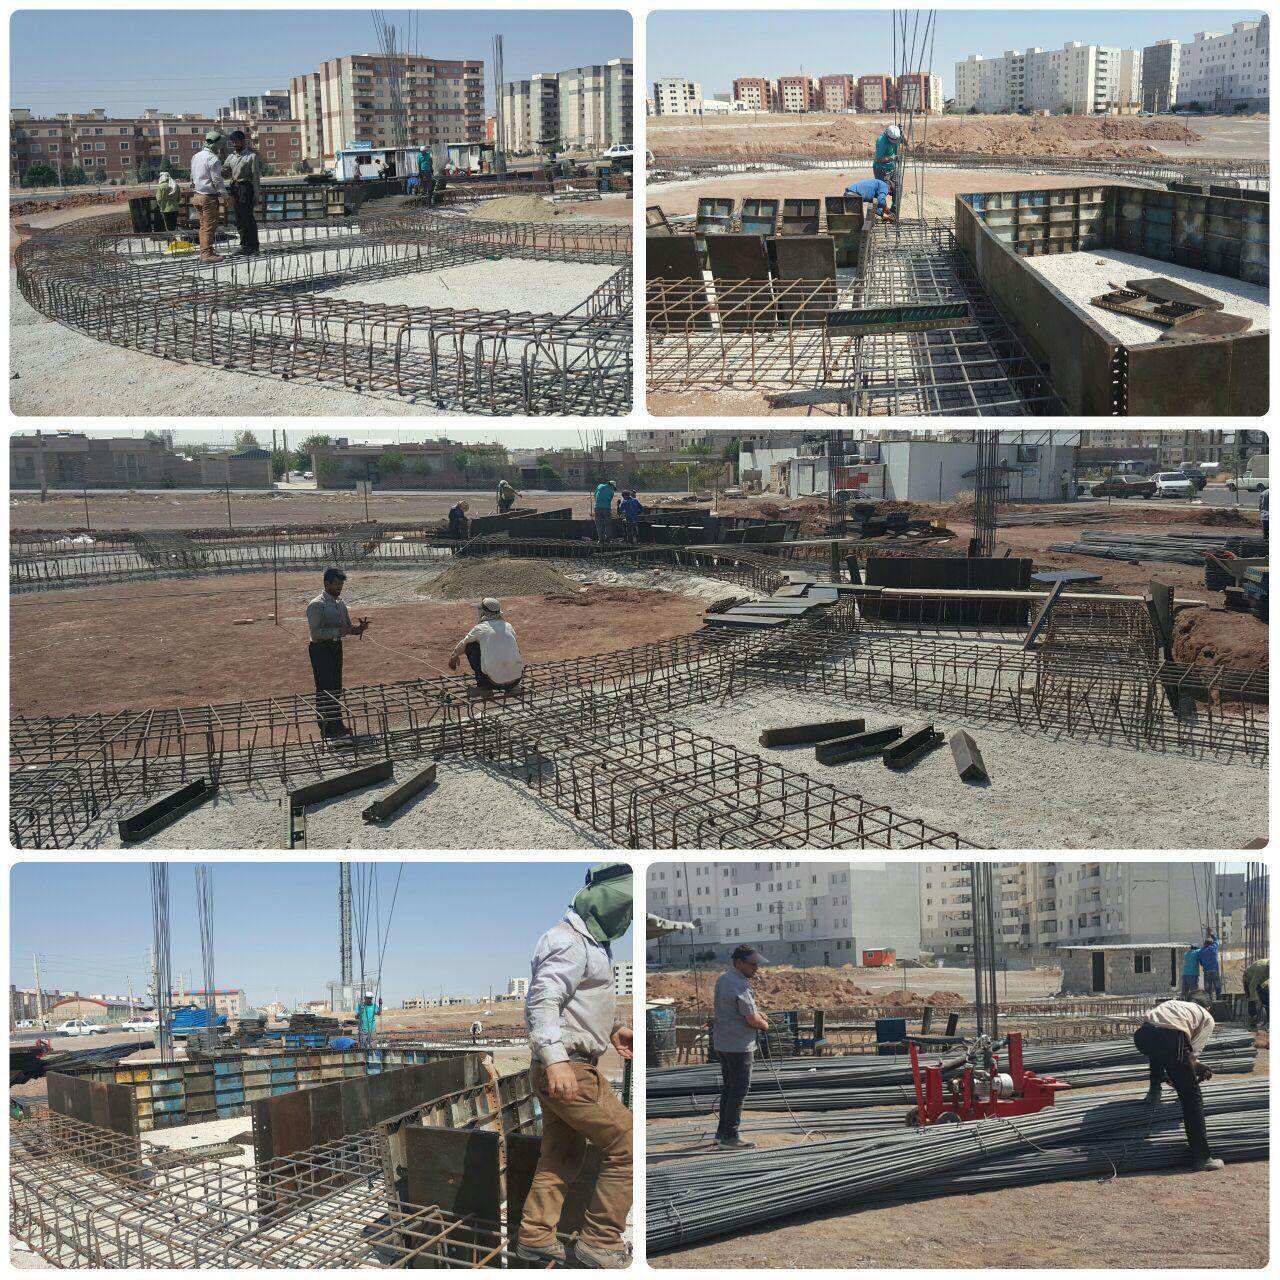 اهتمام شهرداری و شورای اسلامی شهر پرند در اجرای پروژه های عمرانی / احداث نخستین مجموعه ورزشی باستانی در پرند